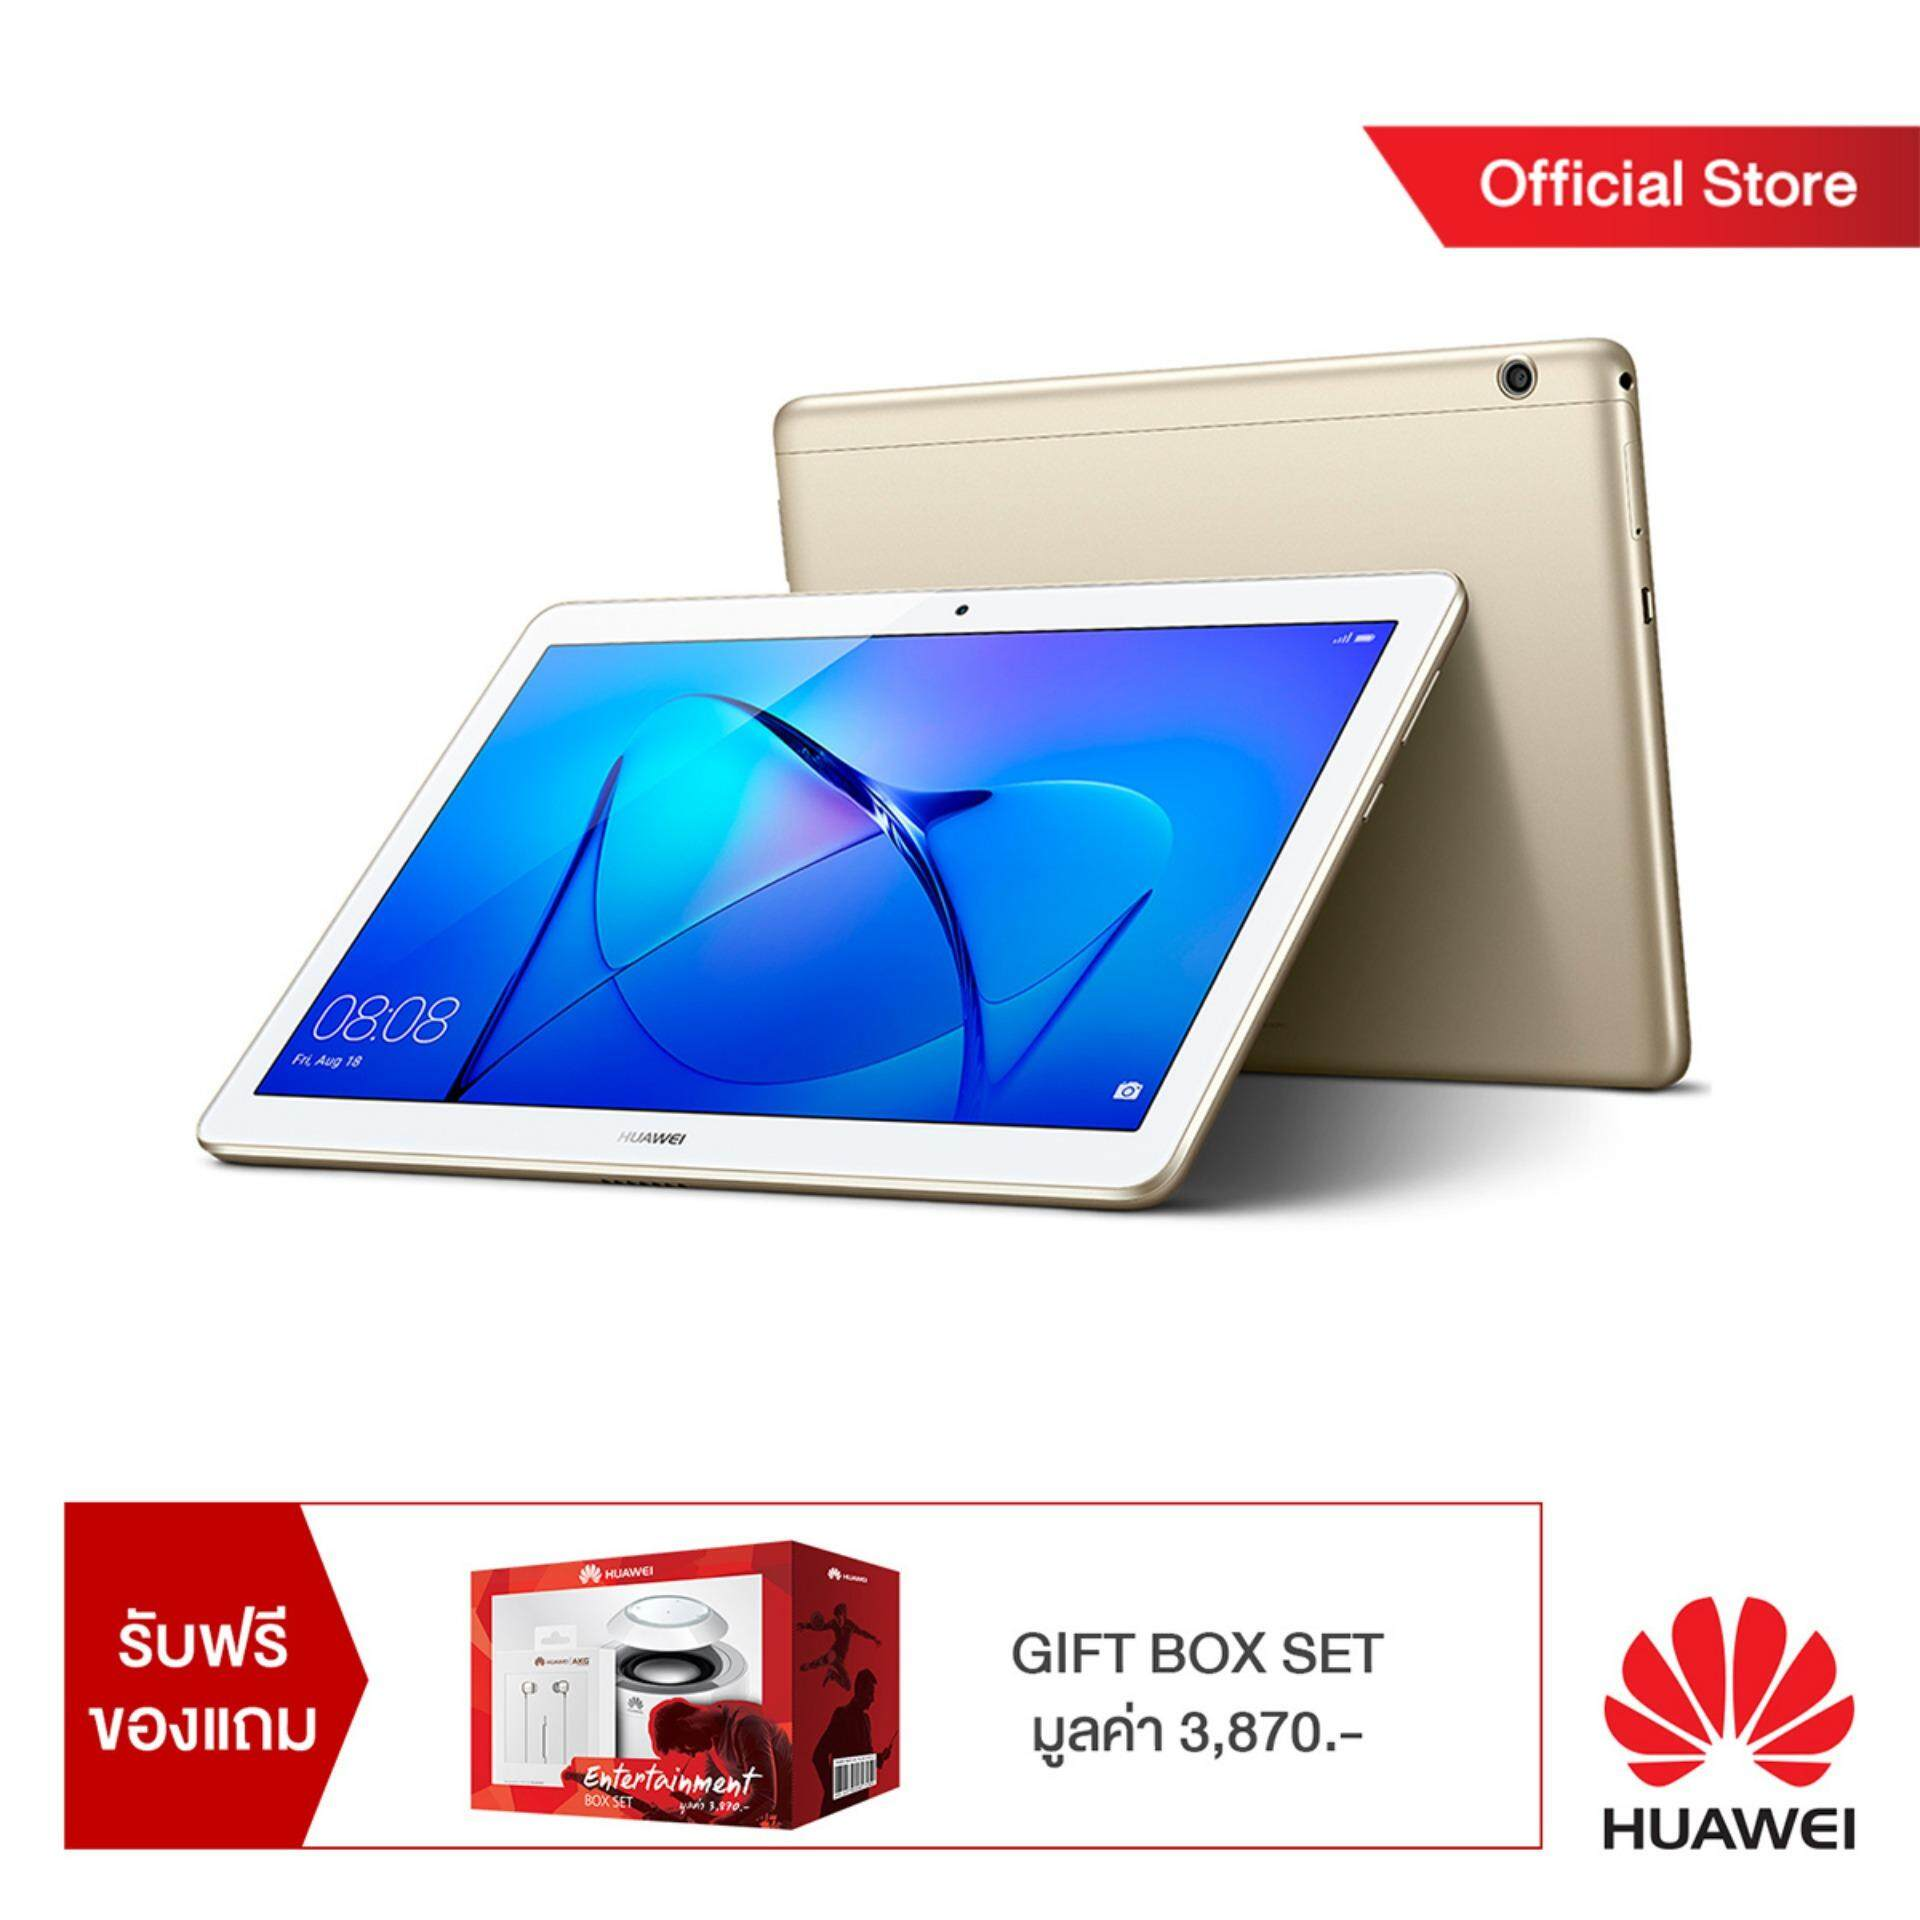 ส่วนลด Huawei Mediapad T3 10 4G 16Gb Luxurious Gold พิเศษ รับฟรี Box Set มูลค่า 3 870 บาท Huawei ใน กรุงเทพมหานคร